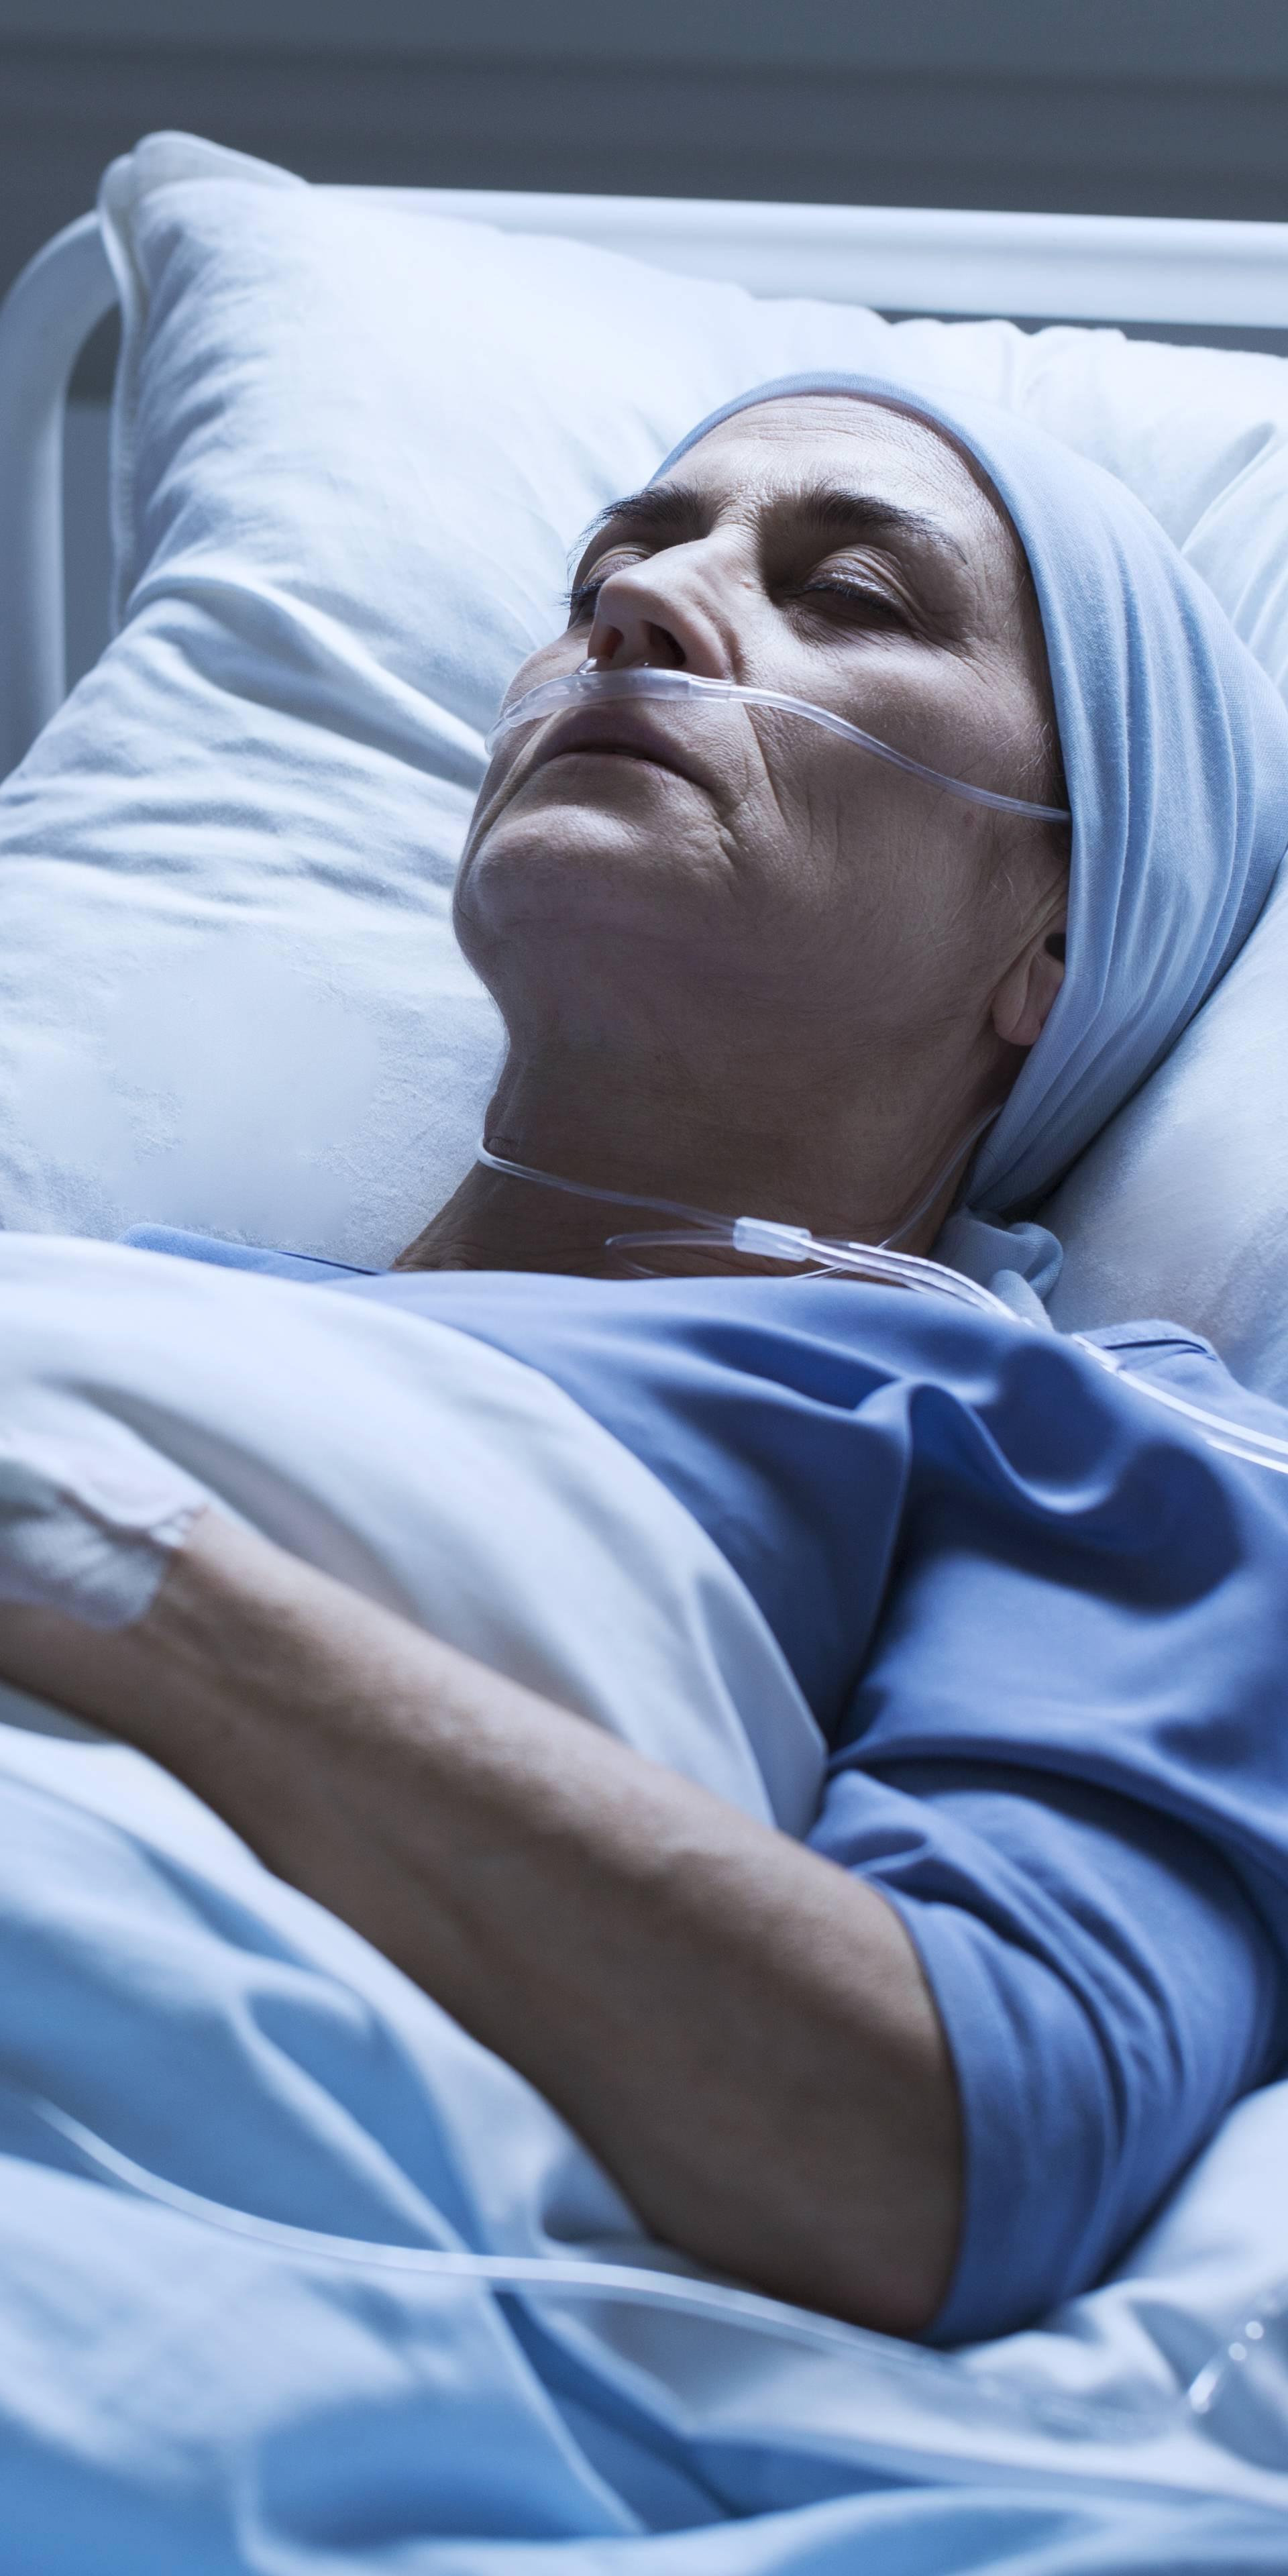 Socijalno izolirani pacijenti će češće umrijeti nakon infarkta